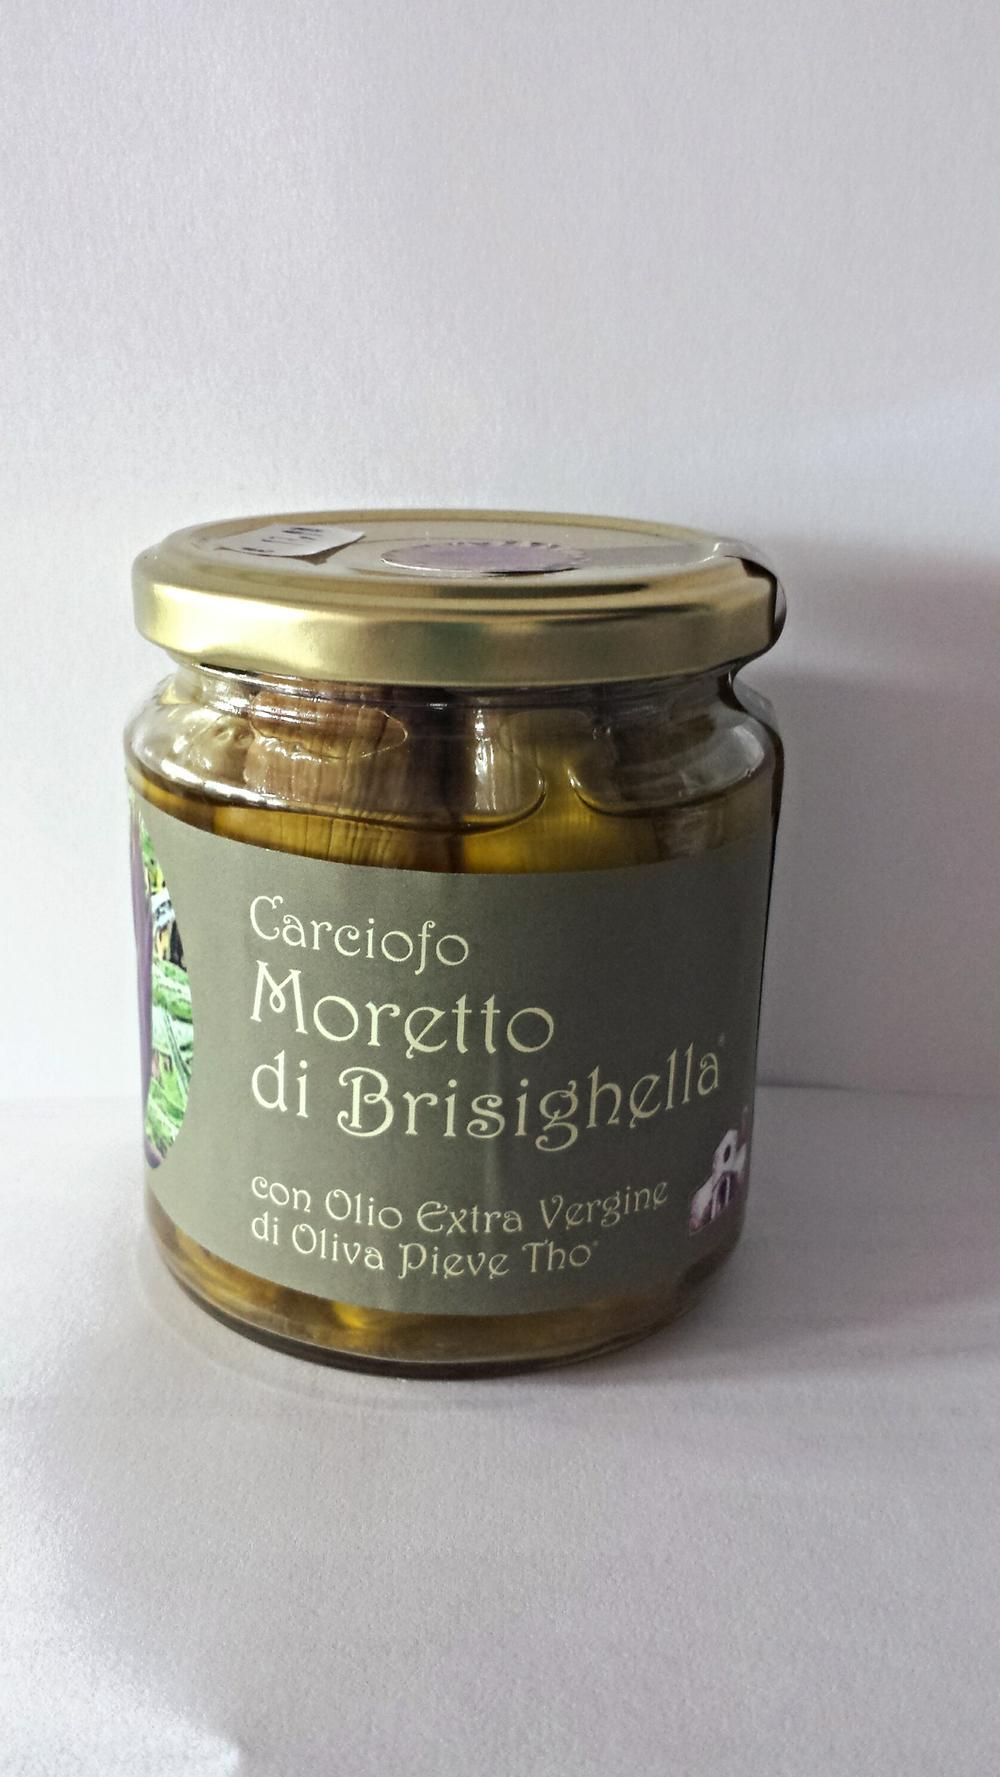 Il Carciofo Moretto di Brisighella con Olio Extra Vergine di Oliva Pieve Thò GR 180